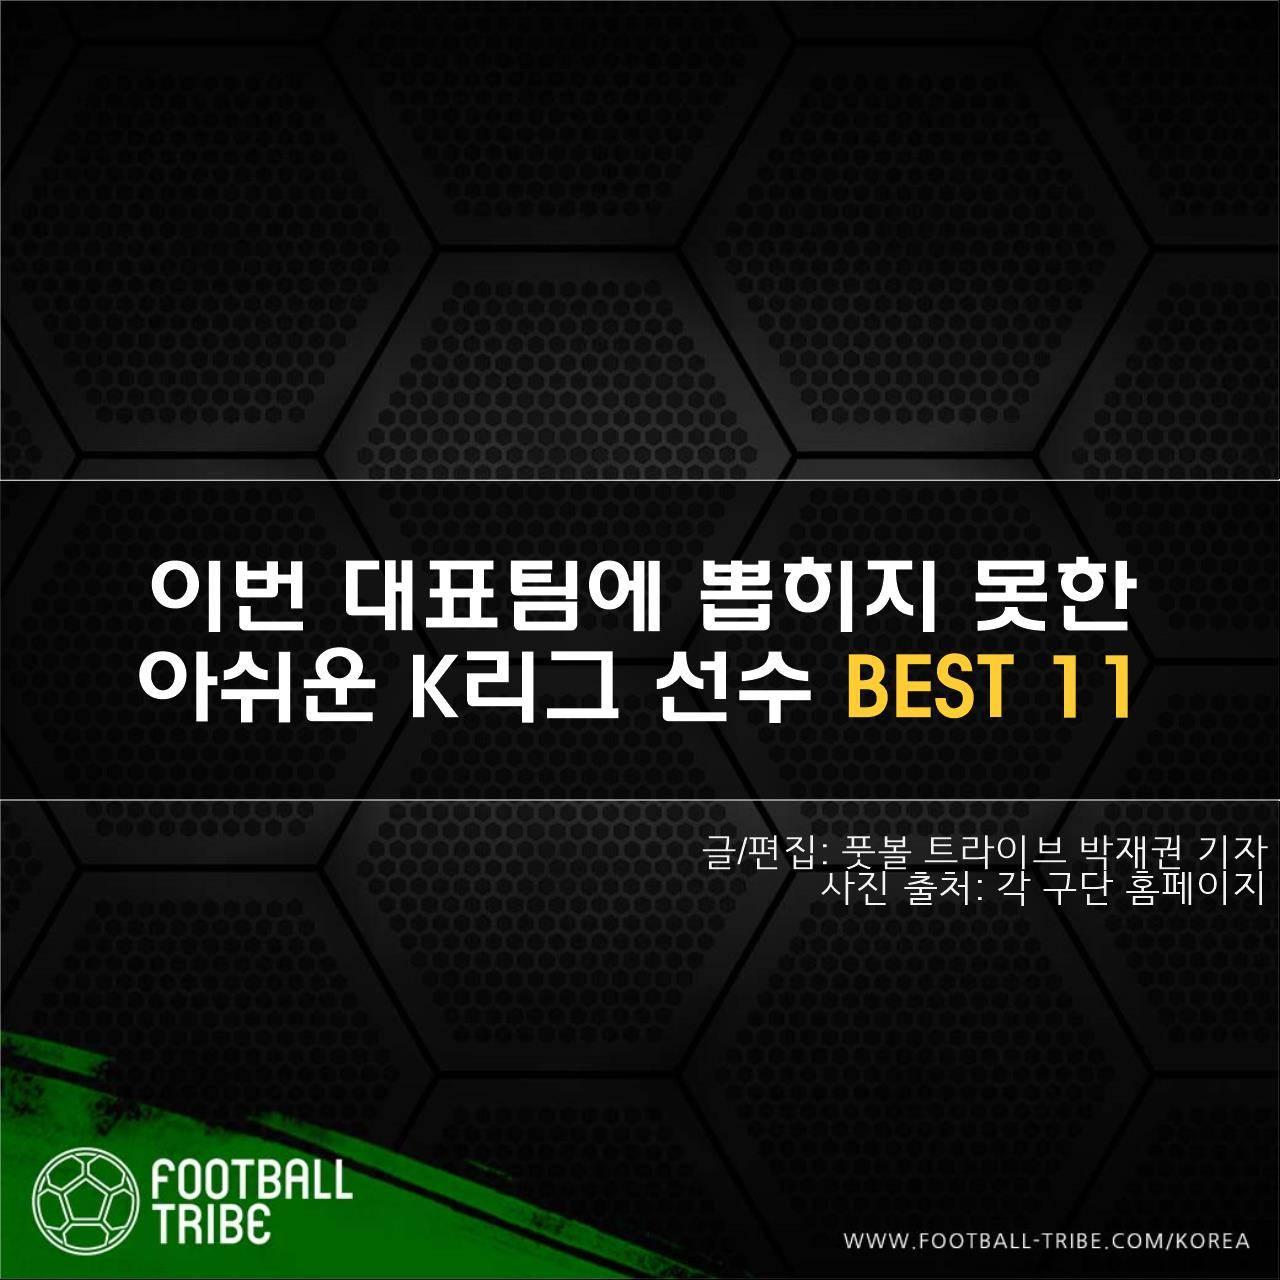 [카드 뉴스] 이번 대표팀에 뽑히지 못한 아쉬운 K리그 선수 BEST 11